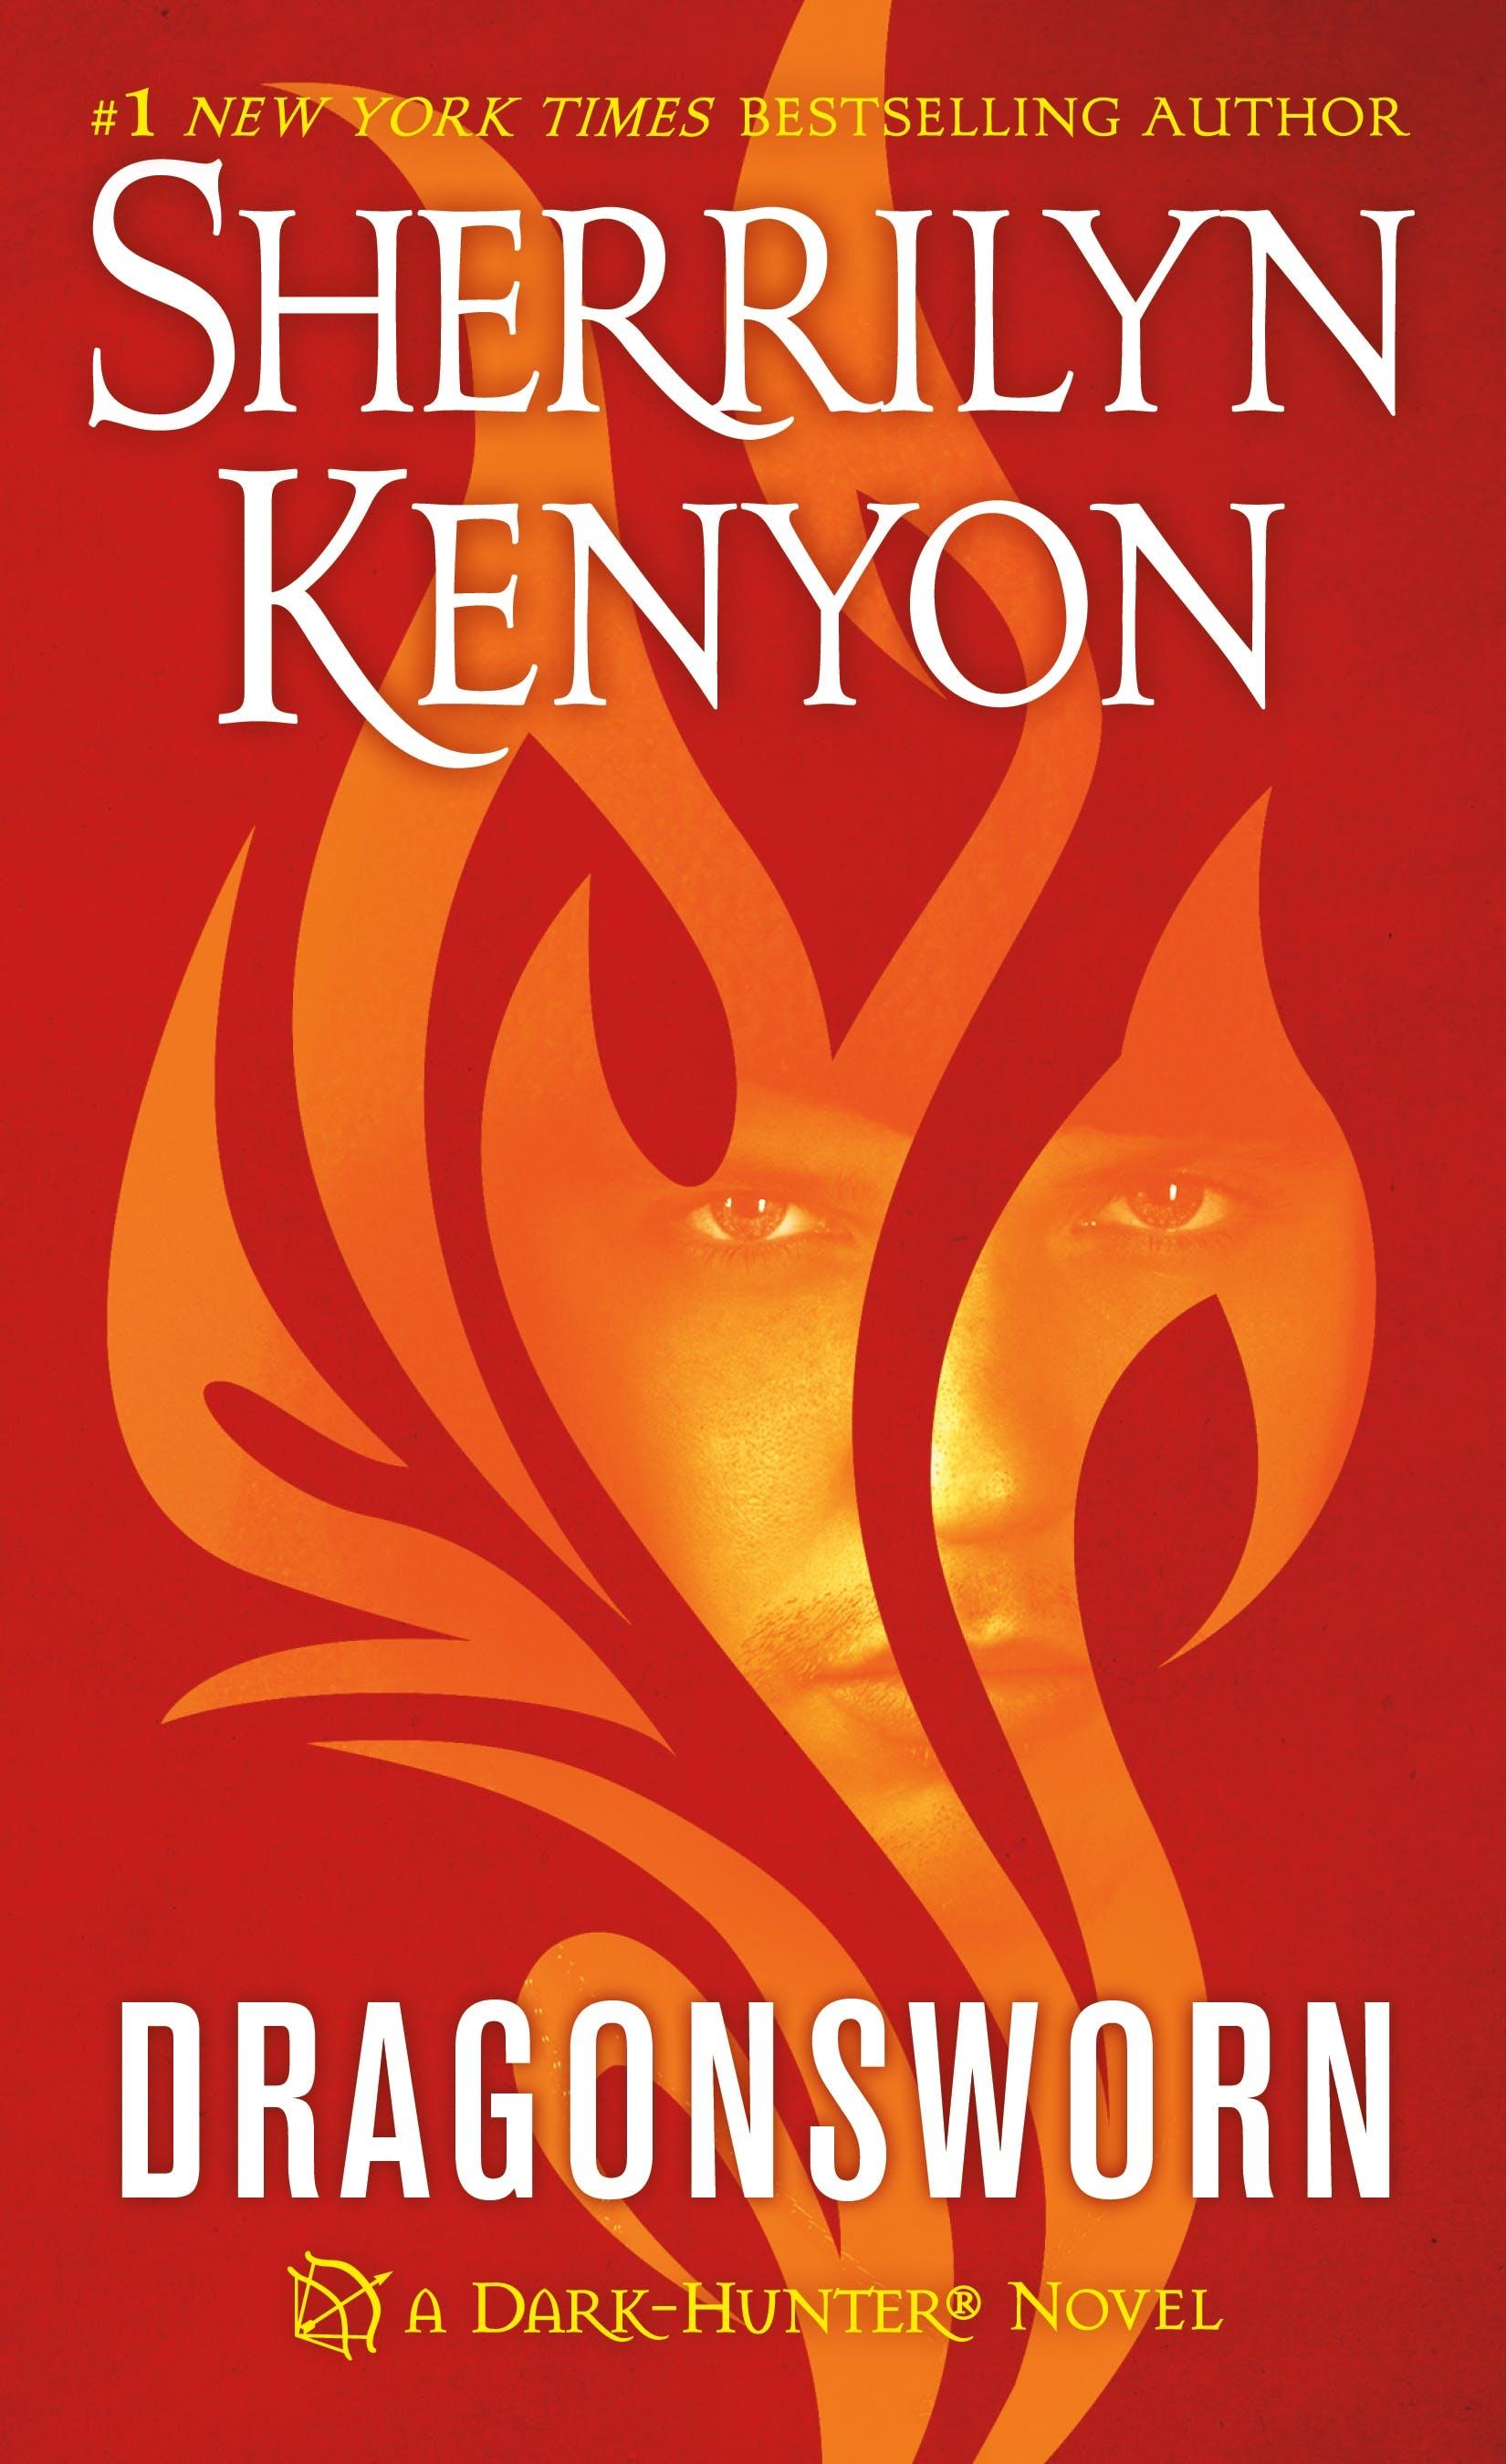 Image of Dragonsworn